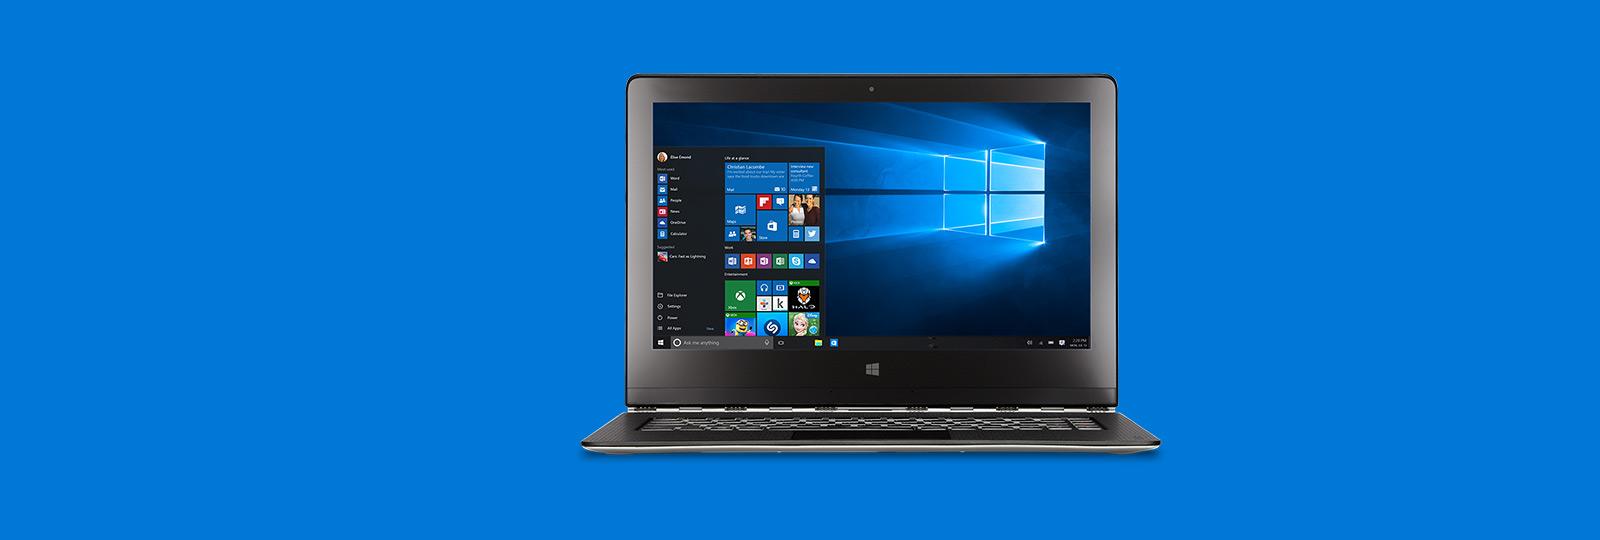 Det bedste Windows nogensinde. Opgrader gratis.*